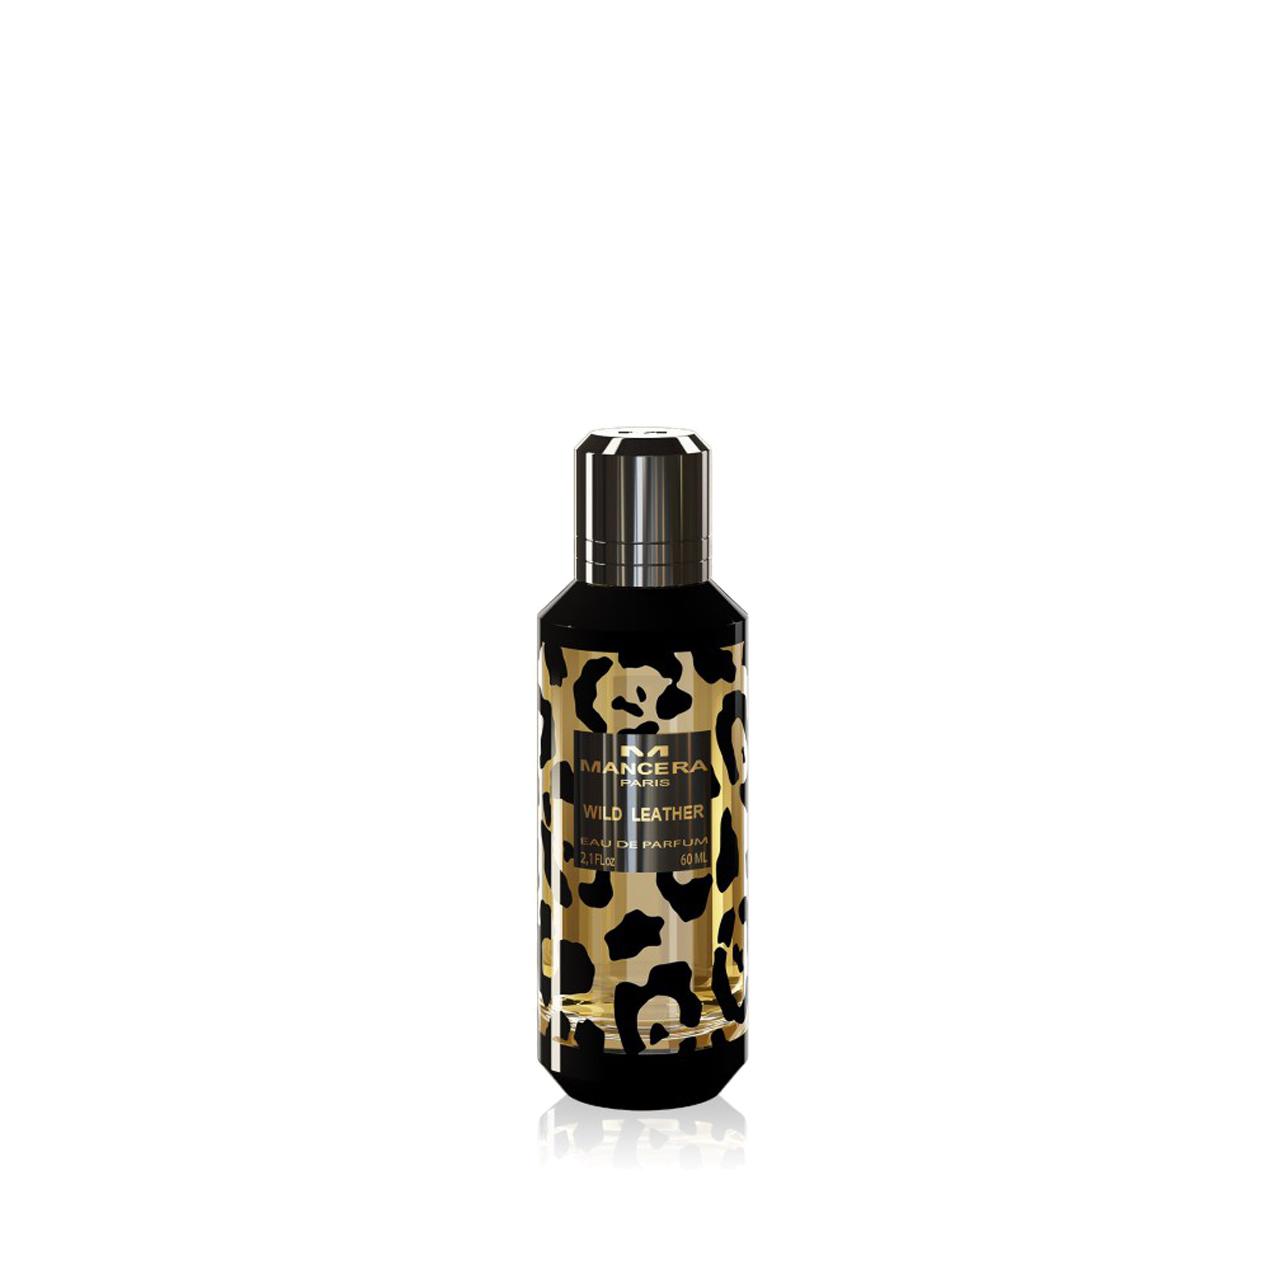 Wild Leather - Eau de Parfum